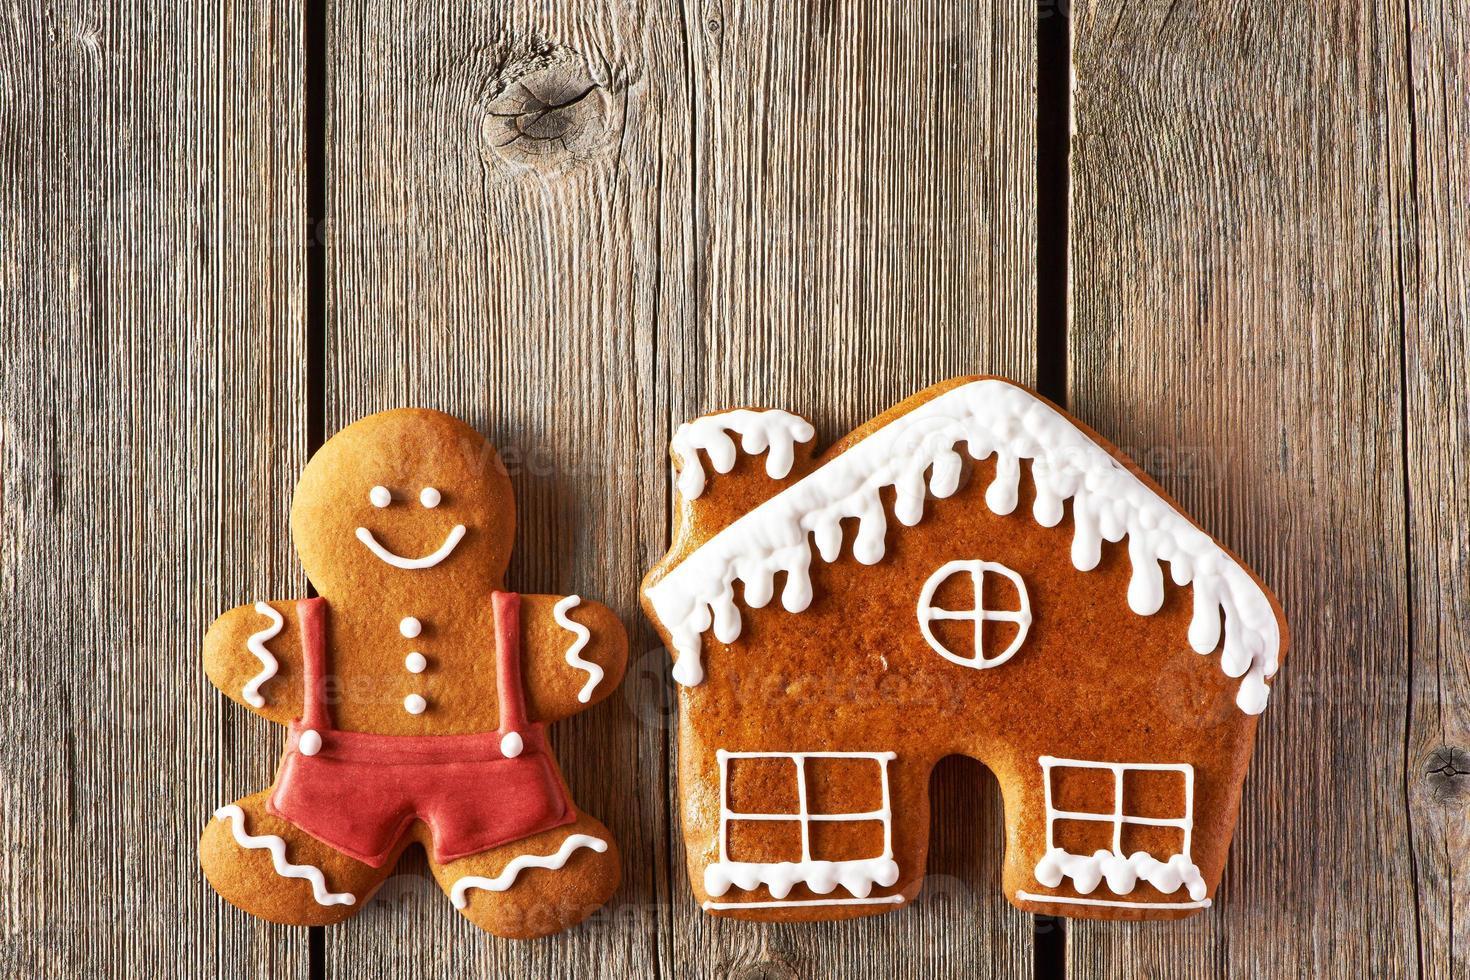 Weihnachts-Lebkuchenmann und Hauskekse foto